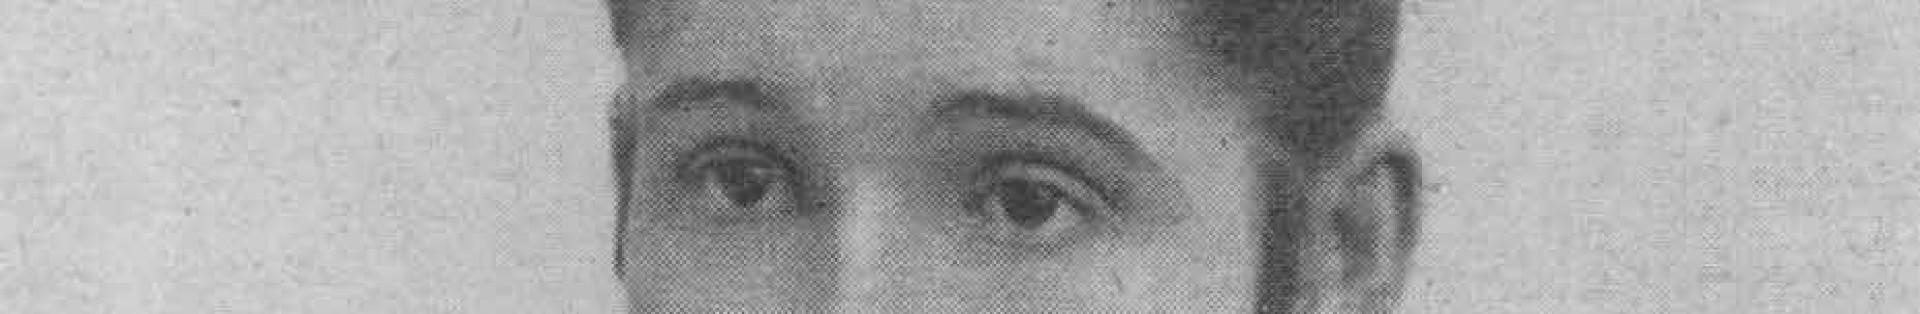 OLGA BOZNAŃSKA - HELENA BLUMÓWNA 1949 R. - CZĘŚĆ III